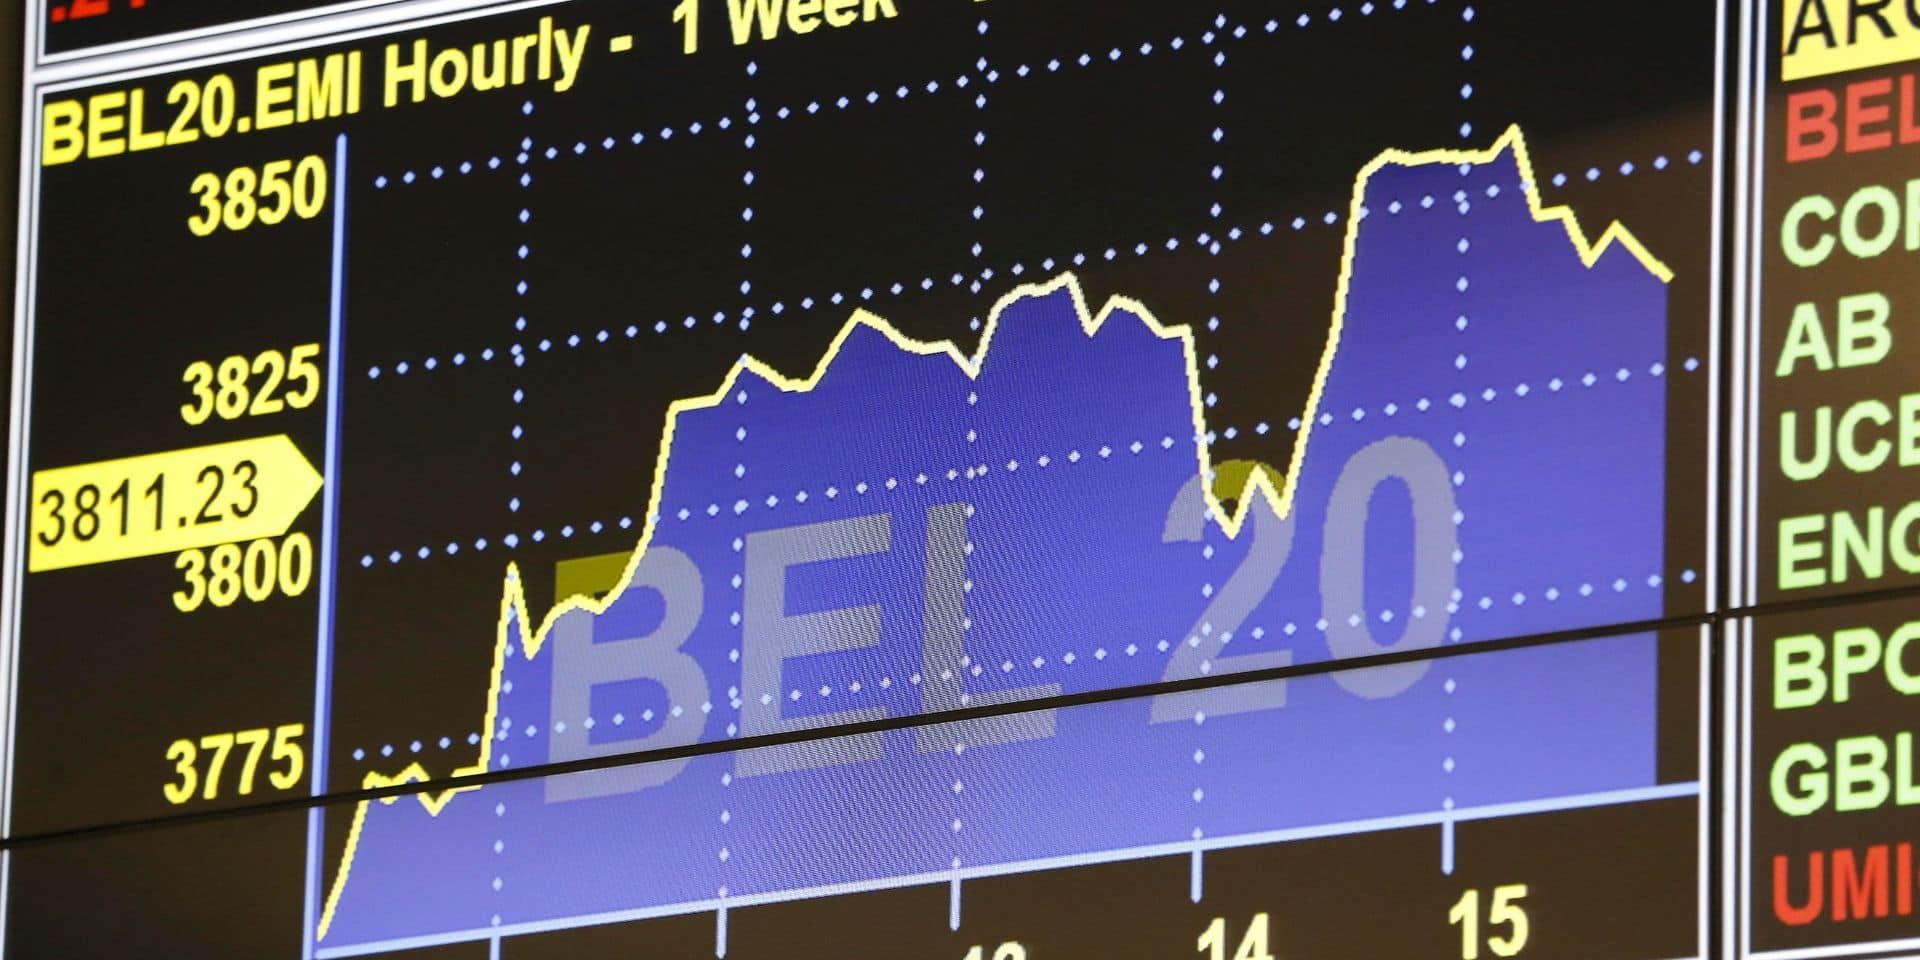 Les Bourses européennes clôturent en légère baisse, le BEL 20 se distingue avec une hausse de 0,53 %